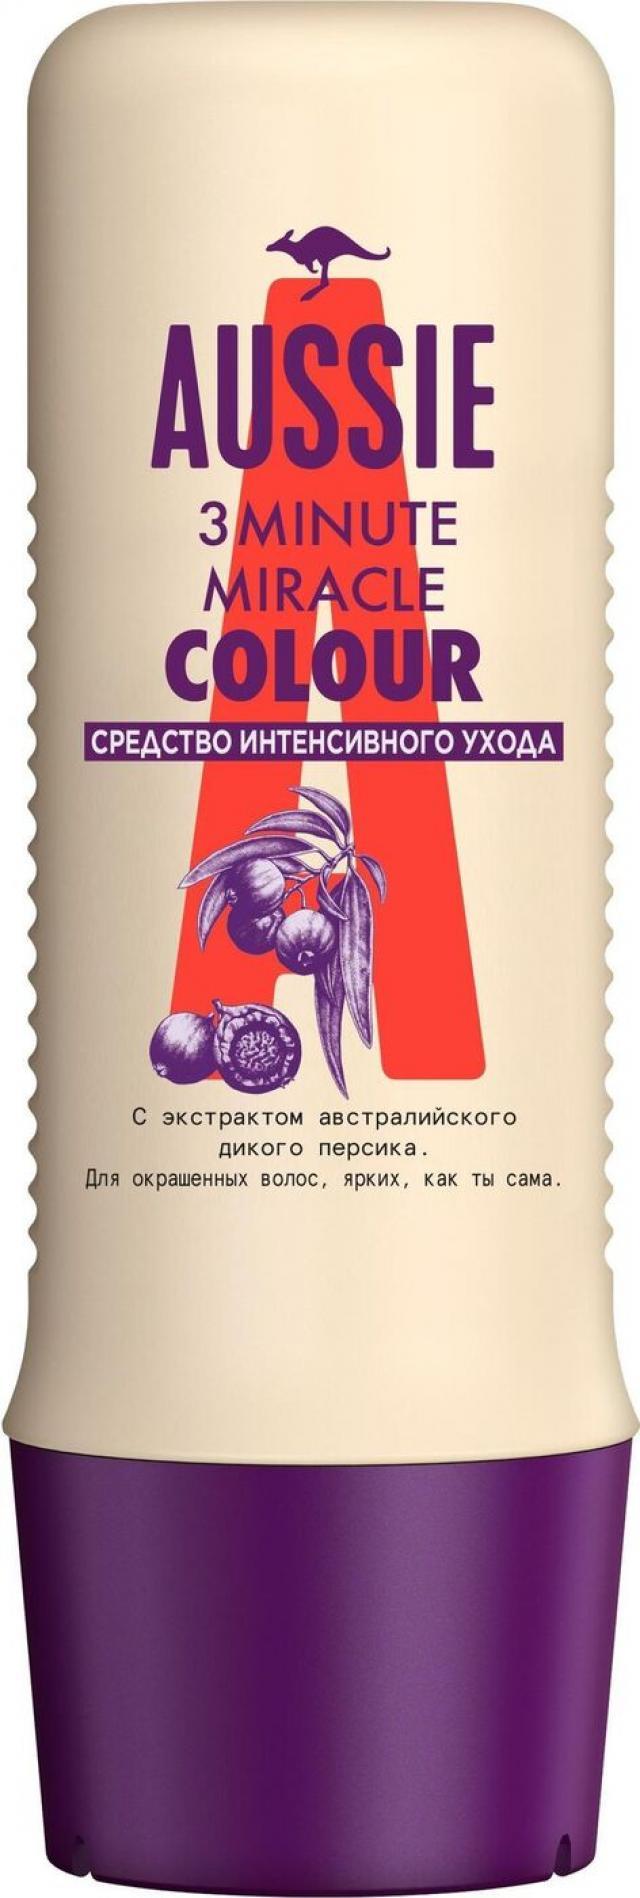 Осси средство для волос Миракл Колор 3мин. 250мл купить в Москве по цене от 0 рублей